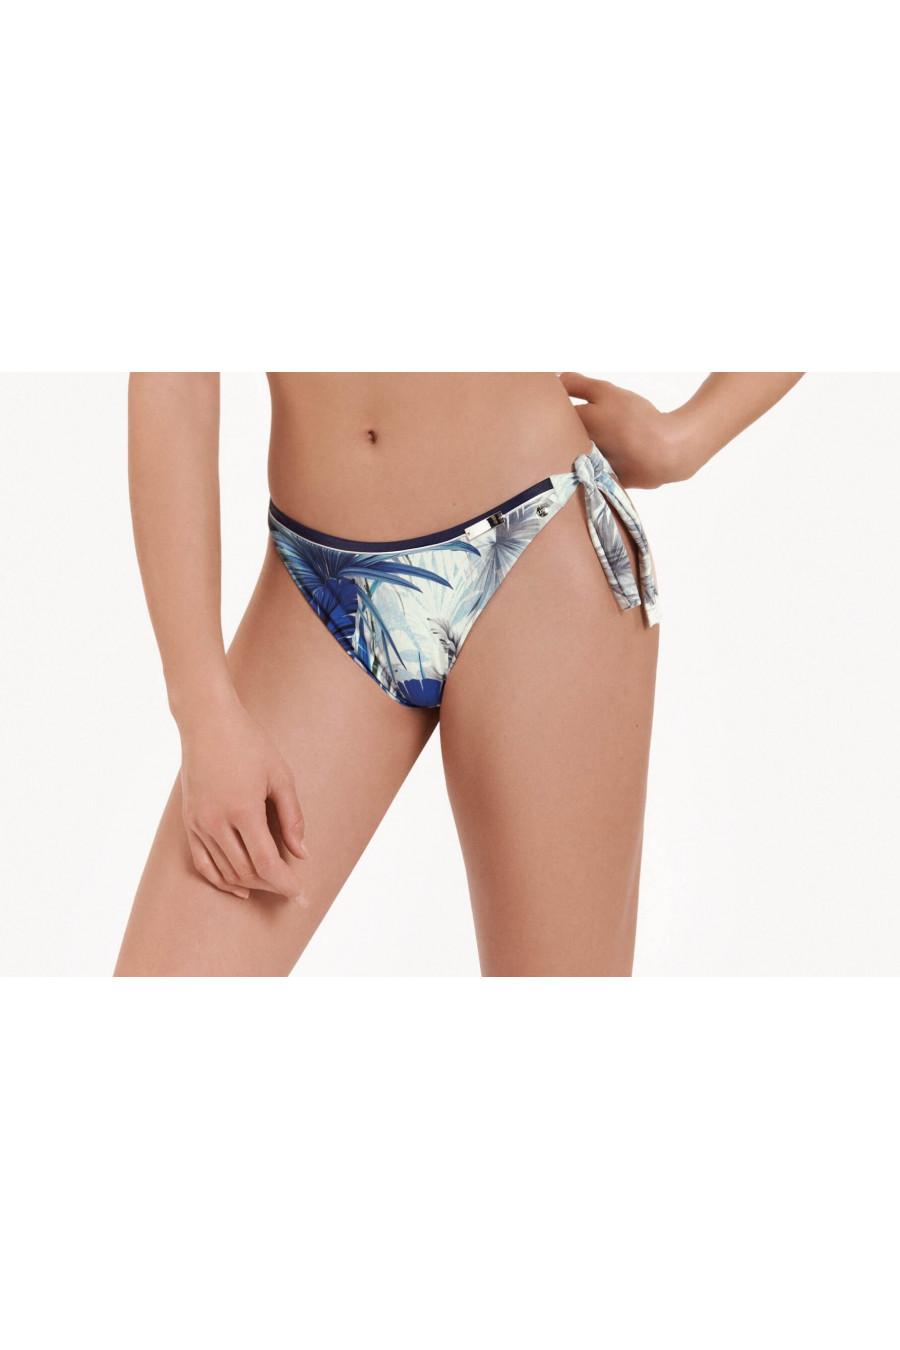 Bikini - LISCA - Ensenada mintás bikini szett LISCA